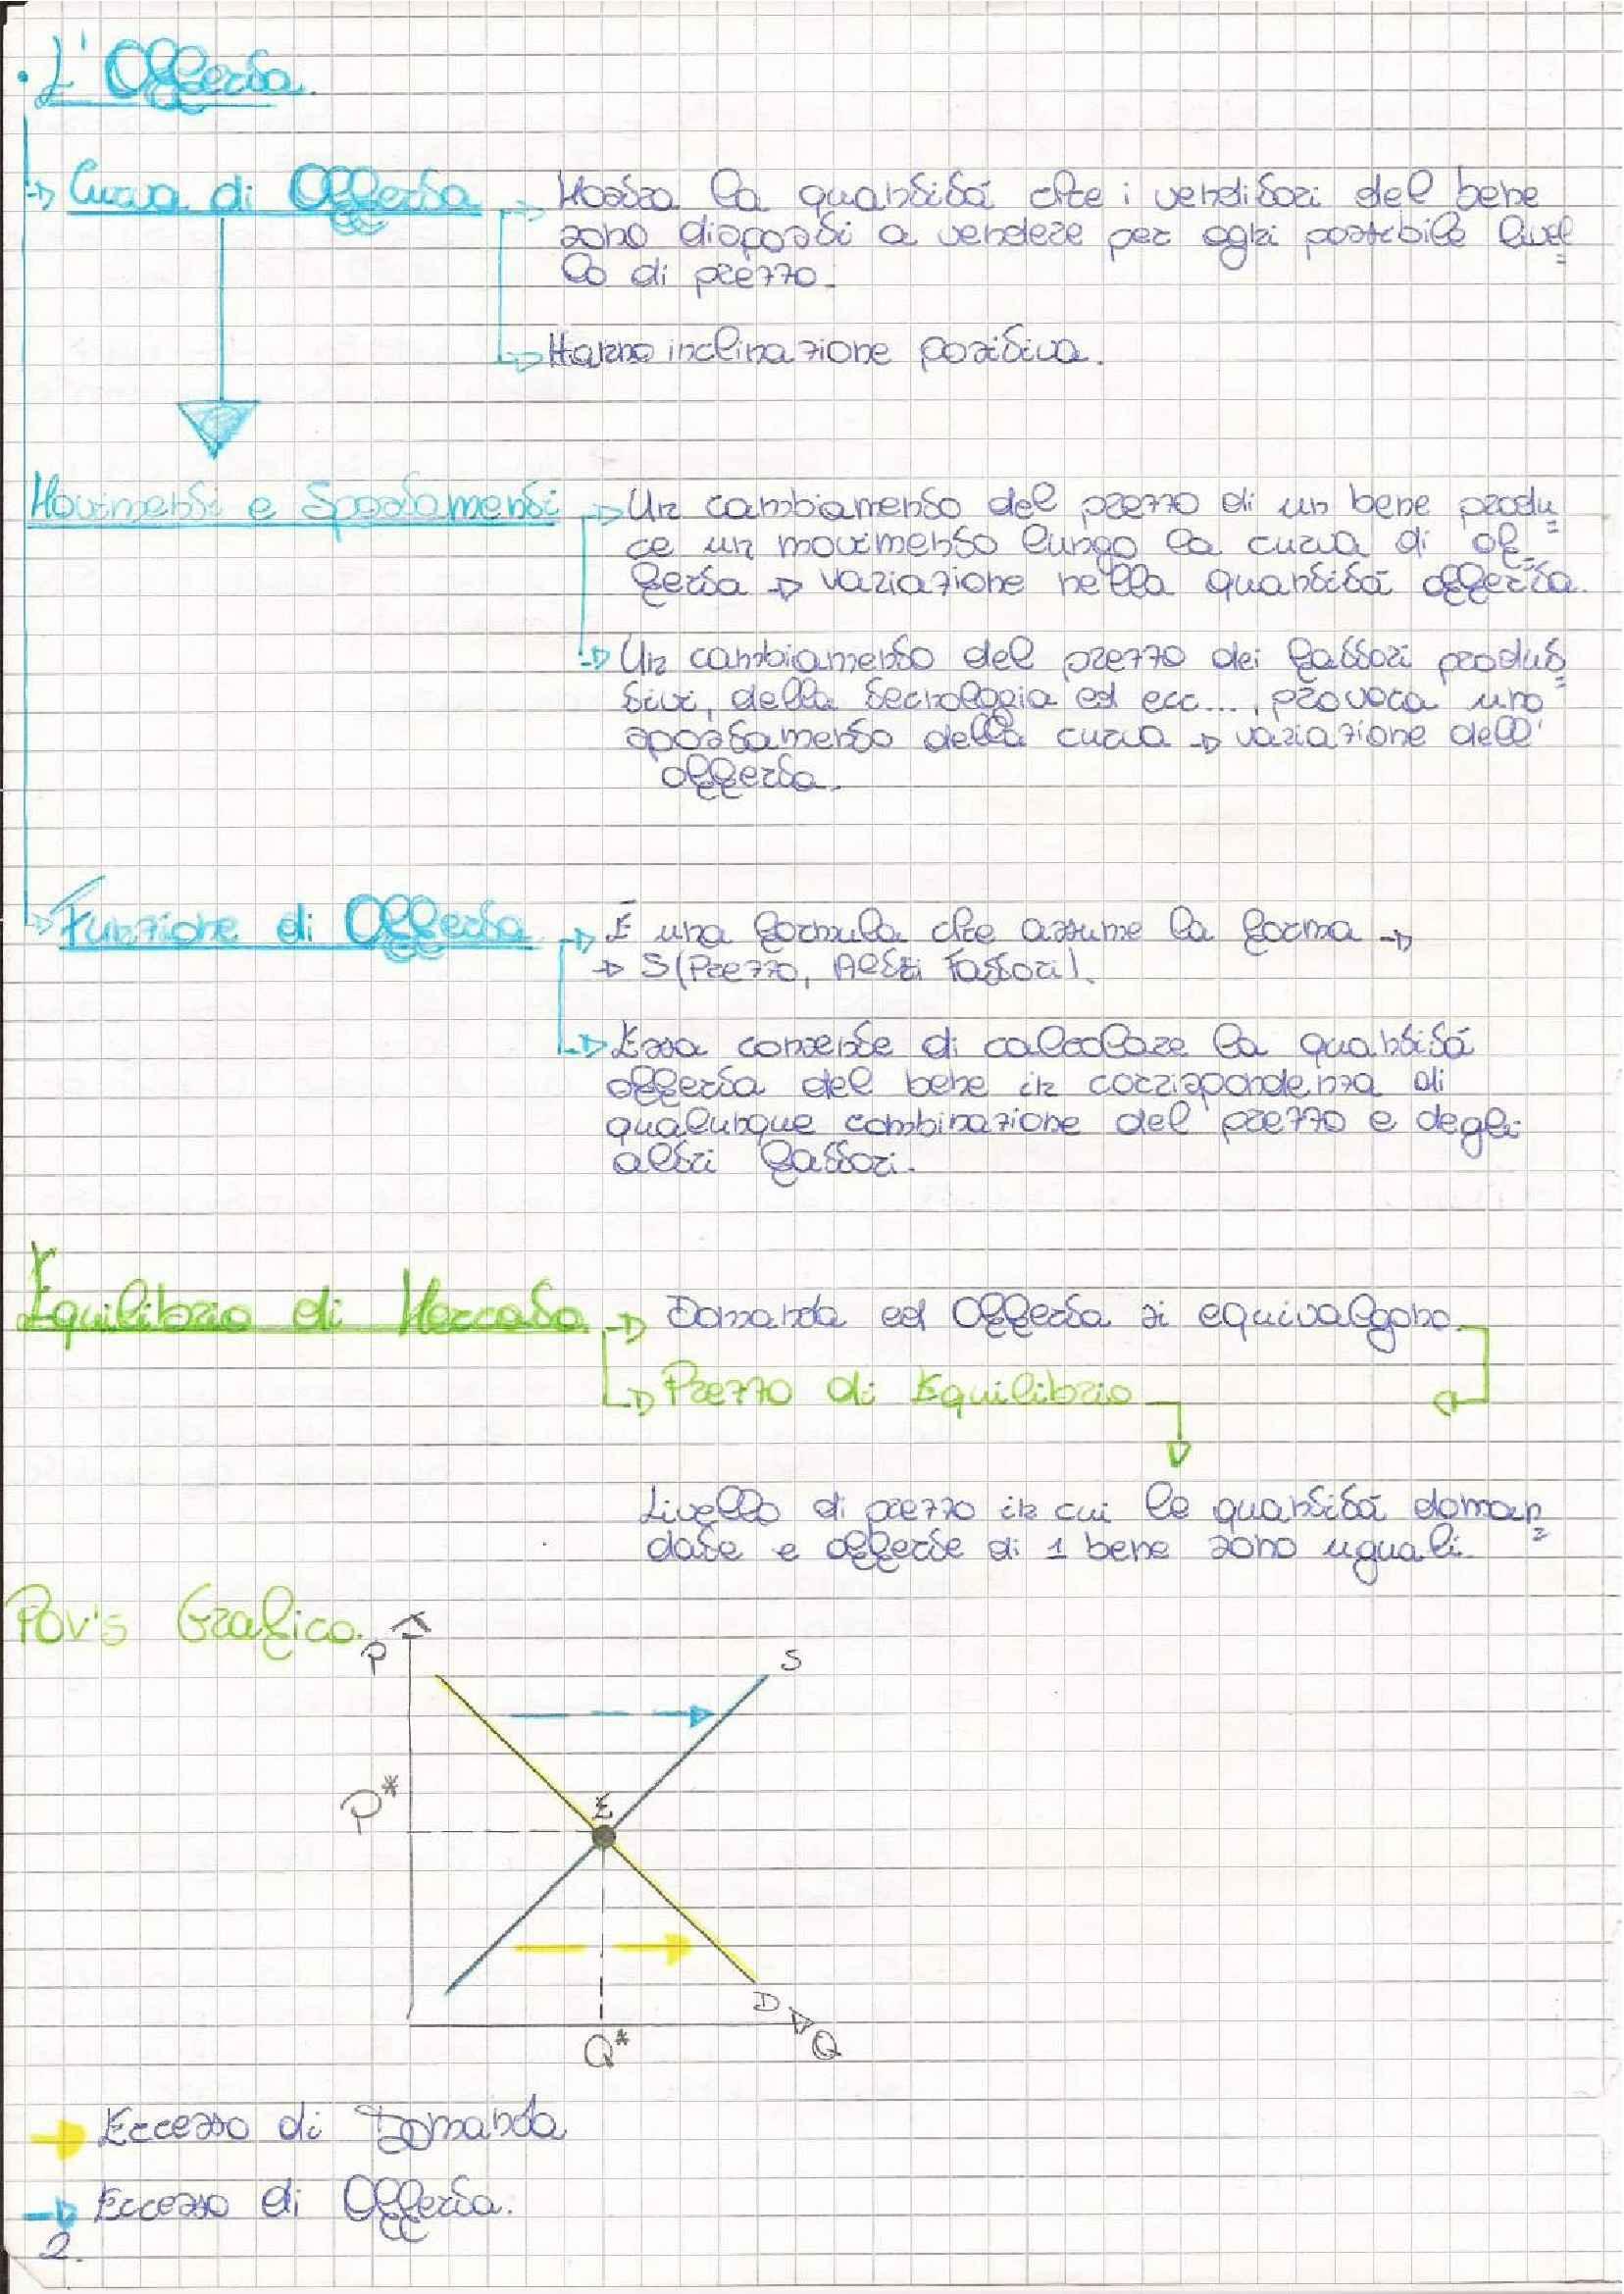 Microeconomia - Schemi Pag. 2